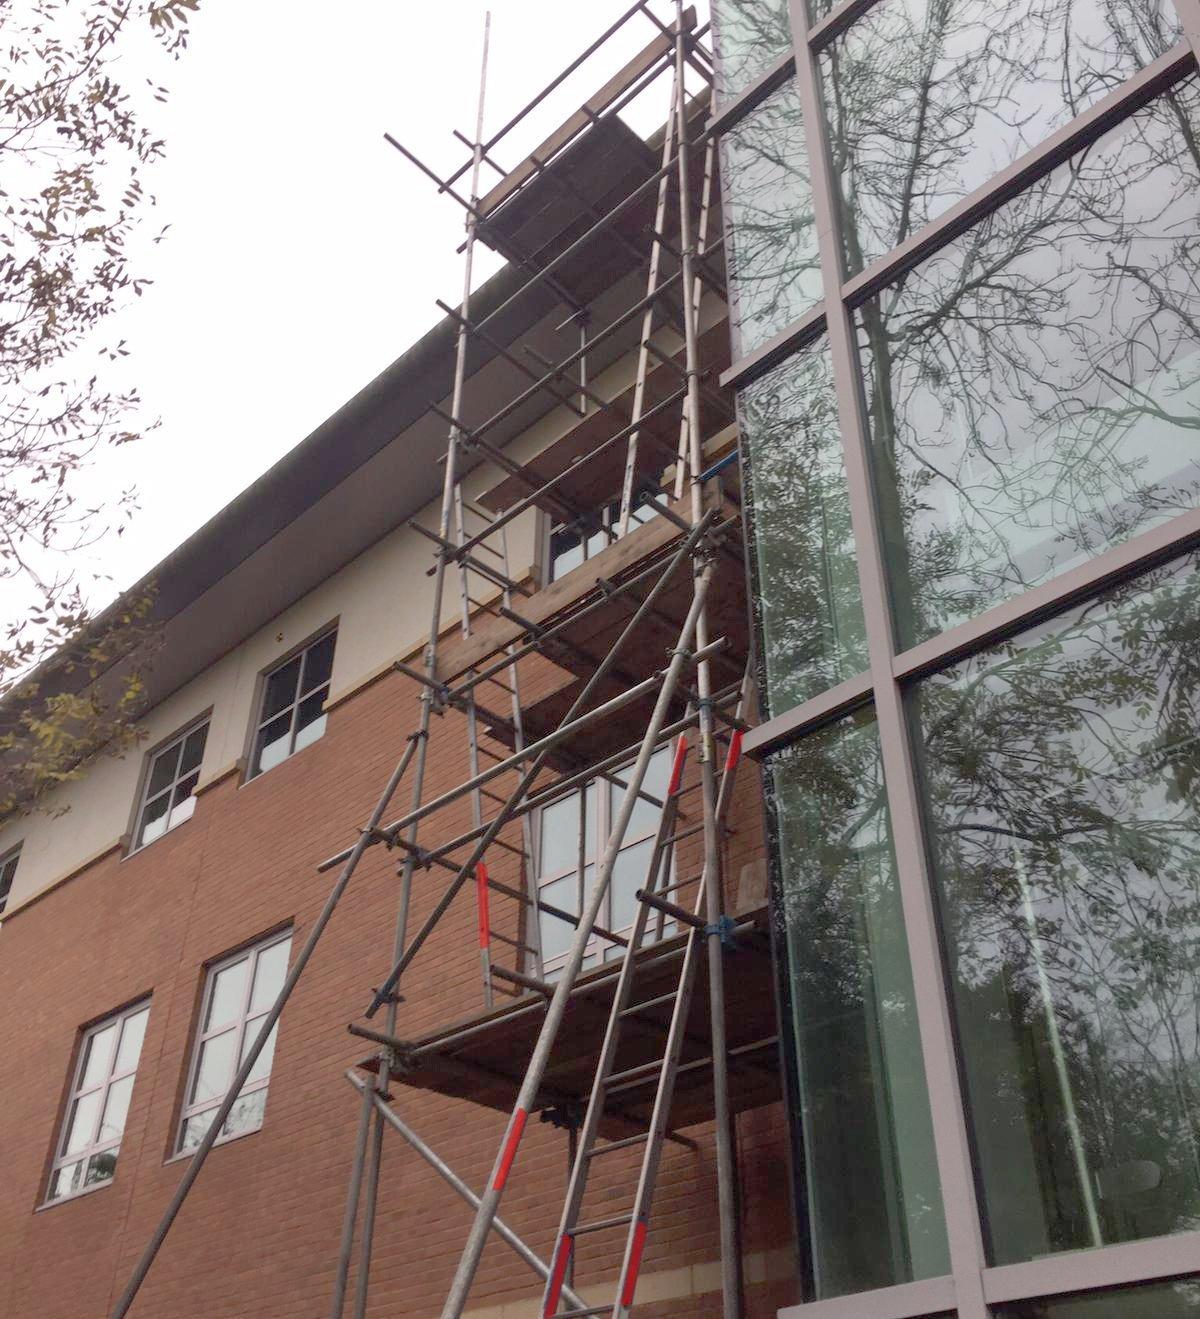 commerciel scaffolding ajd in birmingham